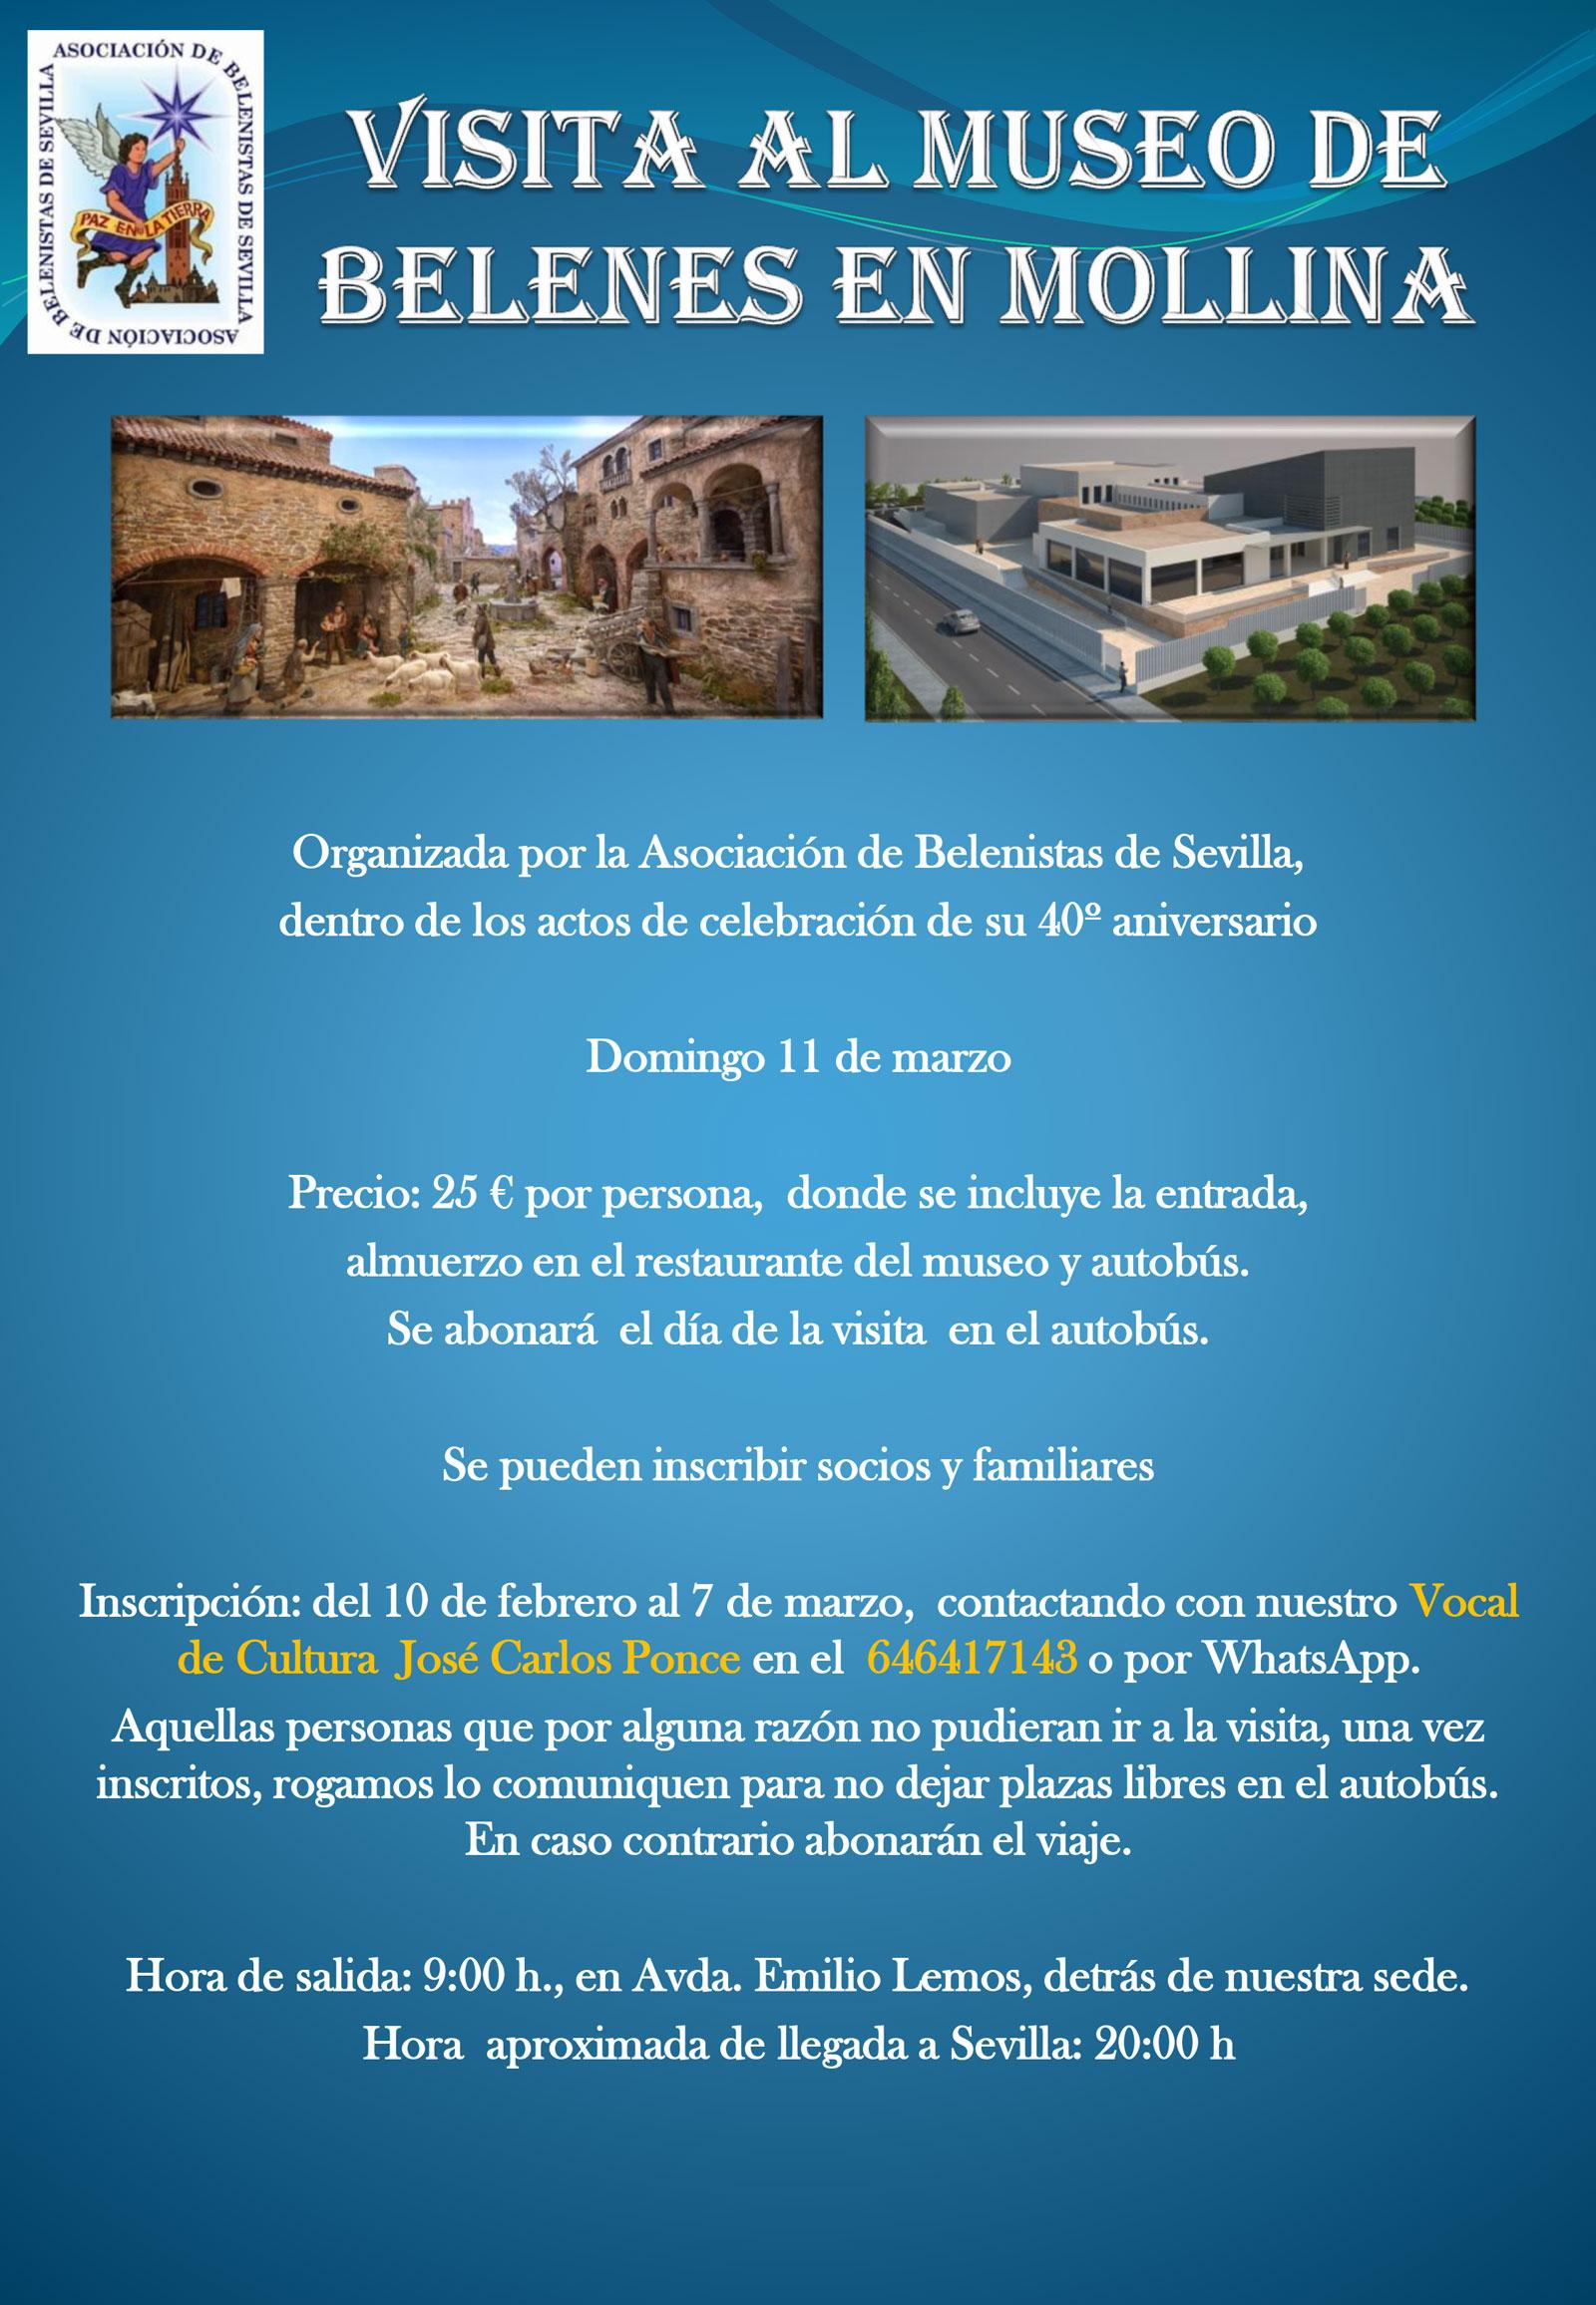 Cartel Excursión 11/03/2018 a Mollina - Asociación de Belenistas de Sevilla